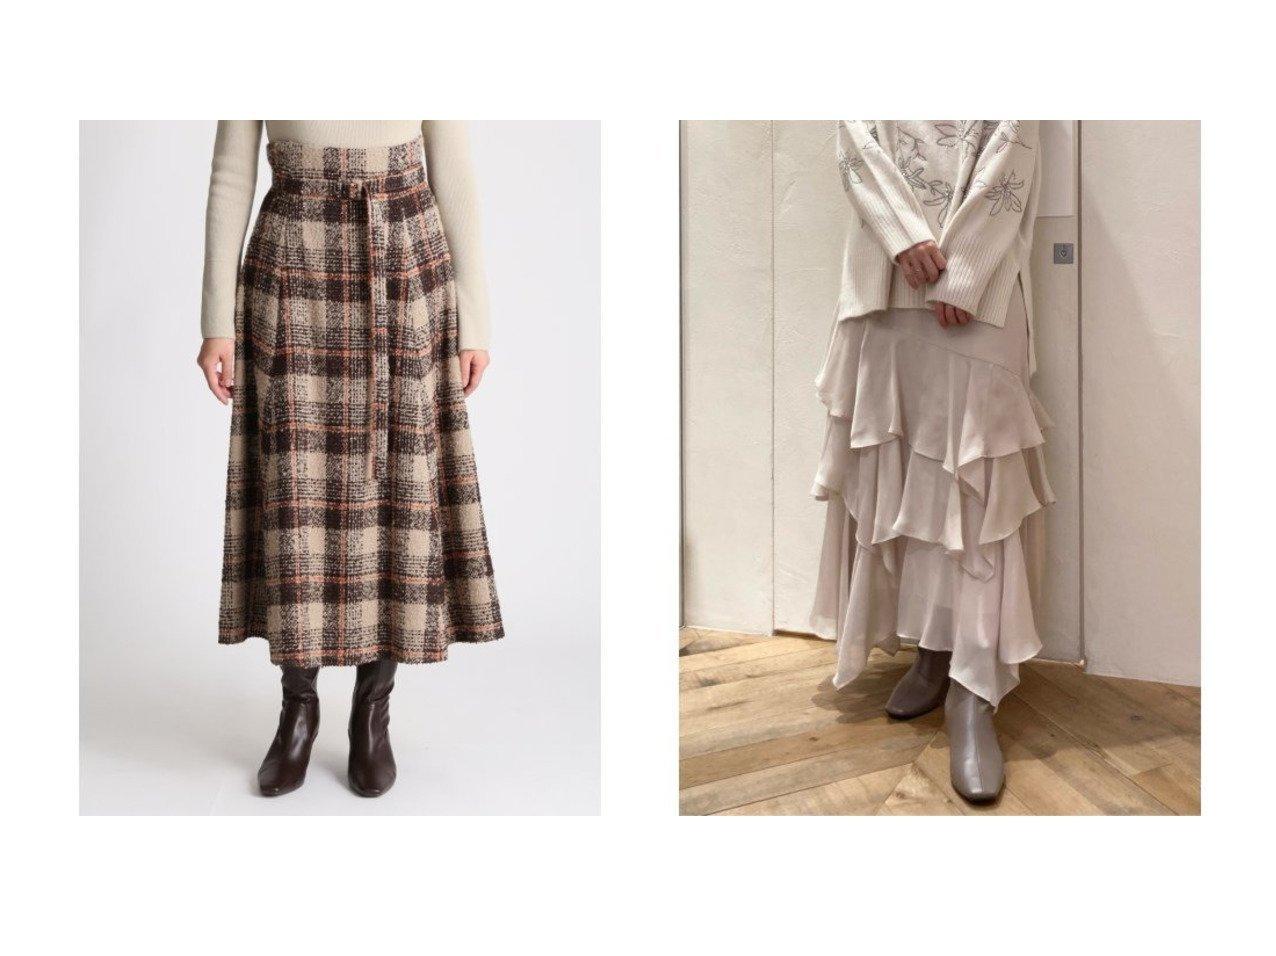 【Mila Owen/ミラオーウェン】のループチェックマキシフレアスカート&【SNIDEL/スナイデル】のボリュームフレアスカート スカートのおすすめ!人気、レディースファッションの通販  おすすめで人気のファッション通販商品 インテリア・家具・キッズファッション・メンズファッション・レディースファッション・服の通販 founy(ファニー) https://founy.com/ ファッション Fashion レディース WOMEN スカート Skirt Aライン/フレアスカート Flared A-Line Skirts スマート チェック フレア ロング エアリー ドット 定番 人気 パープル  ID:crp329100000004031